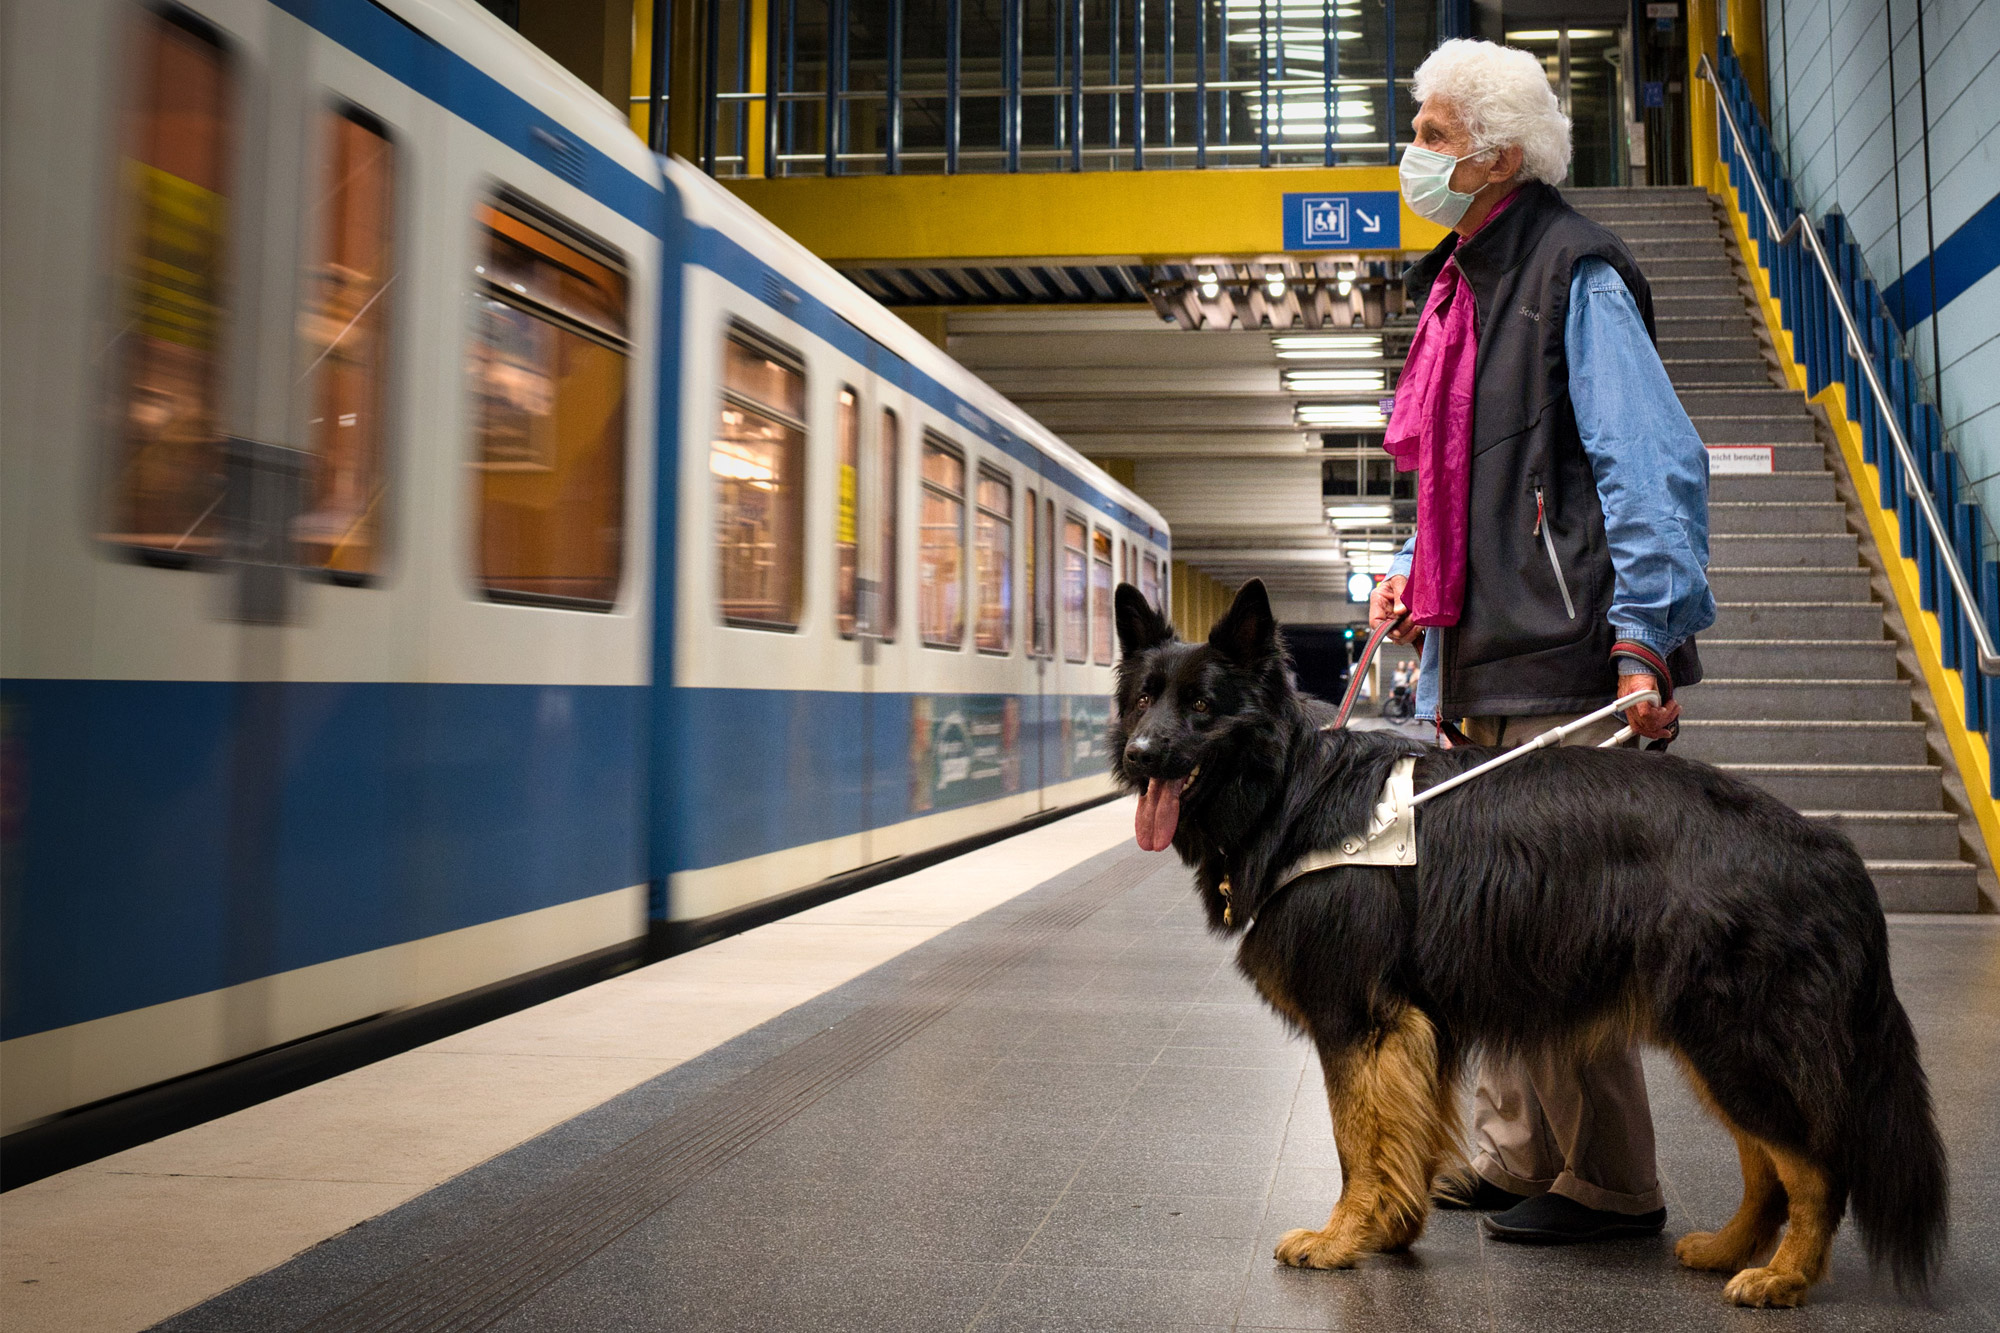 Blinde mit Führhund wartend am Bahnsteig